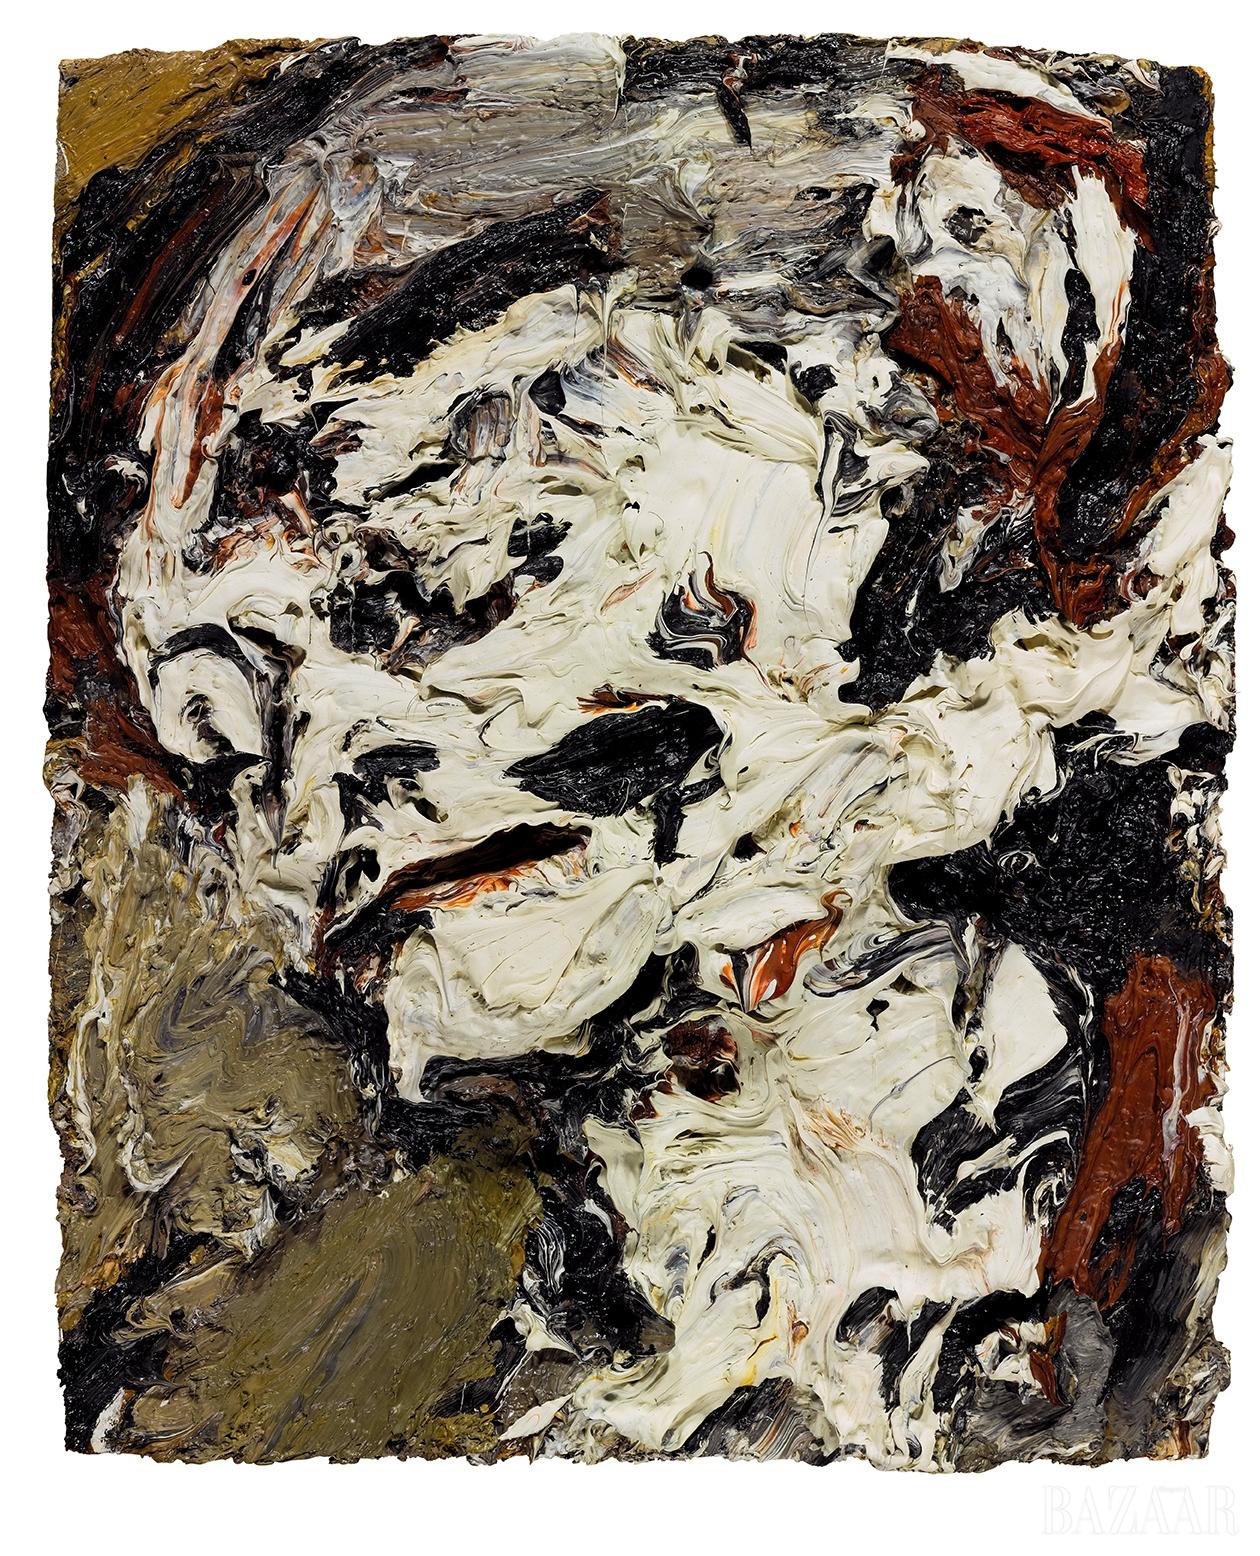 프랑크 아우어바흐(Frank Auerbach), 'Head Of Gerda Boehm', Oil